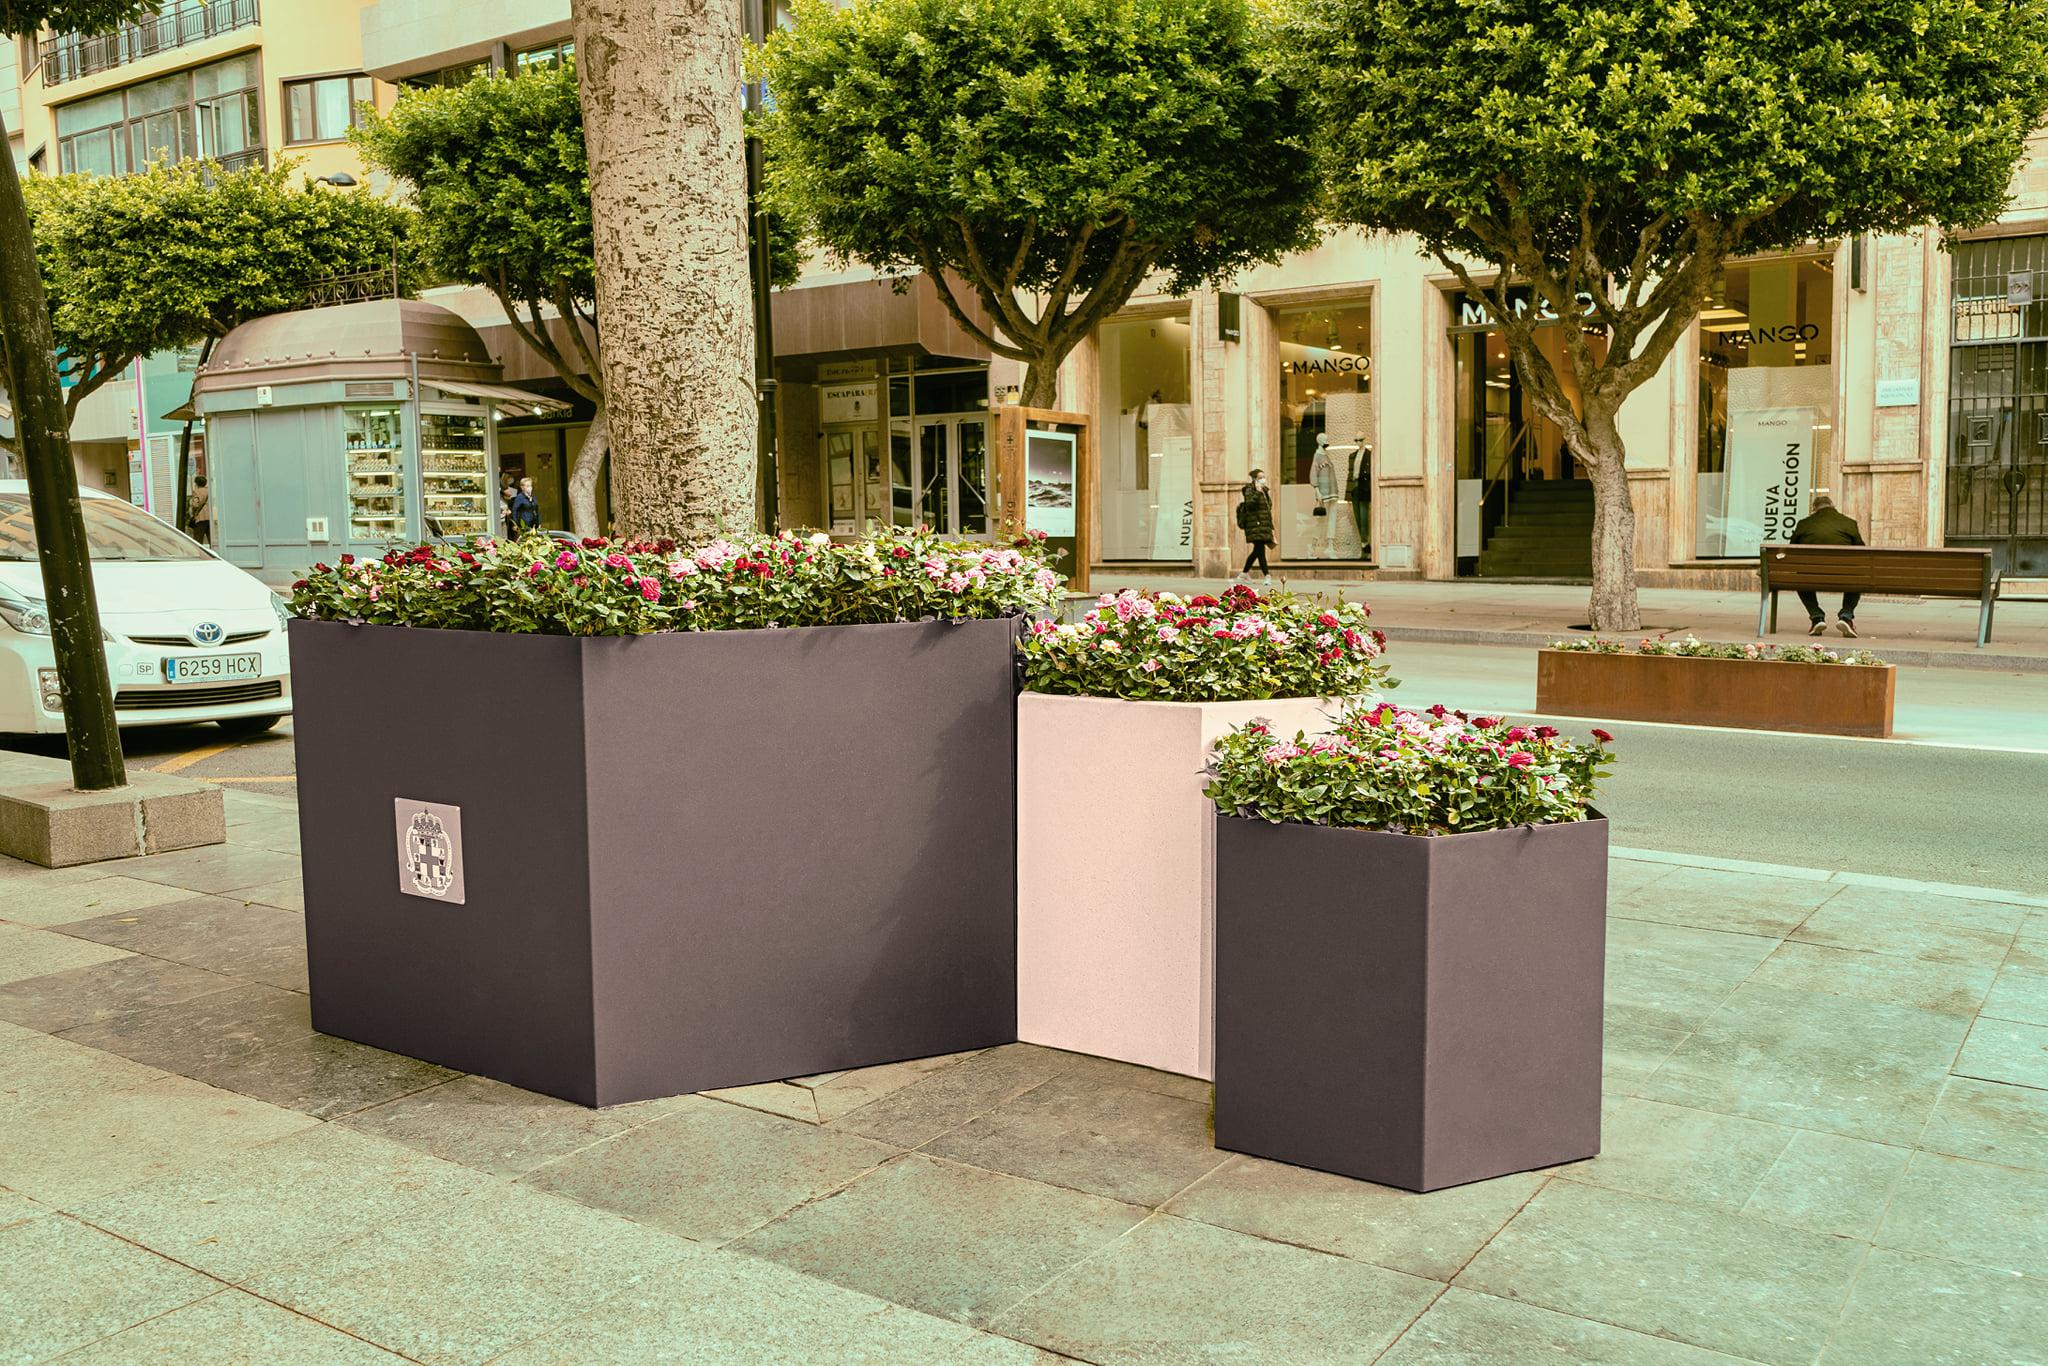 Proyecto de paisajismo urbano en Almería